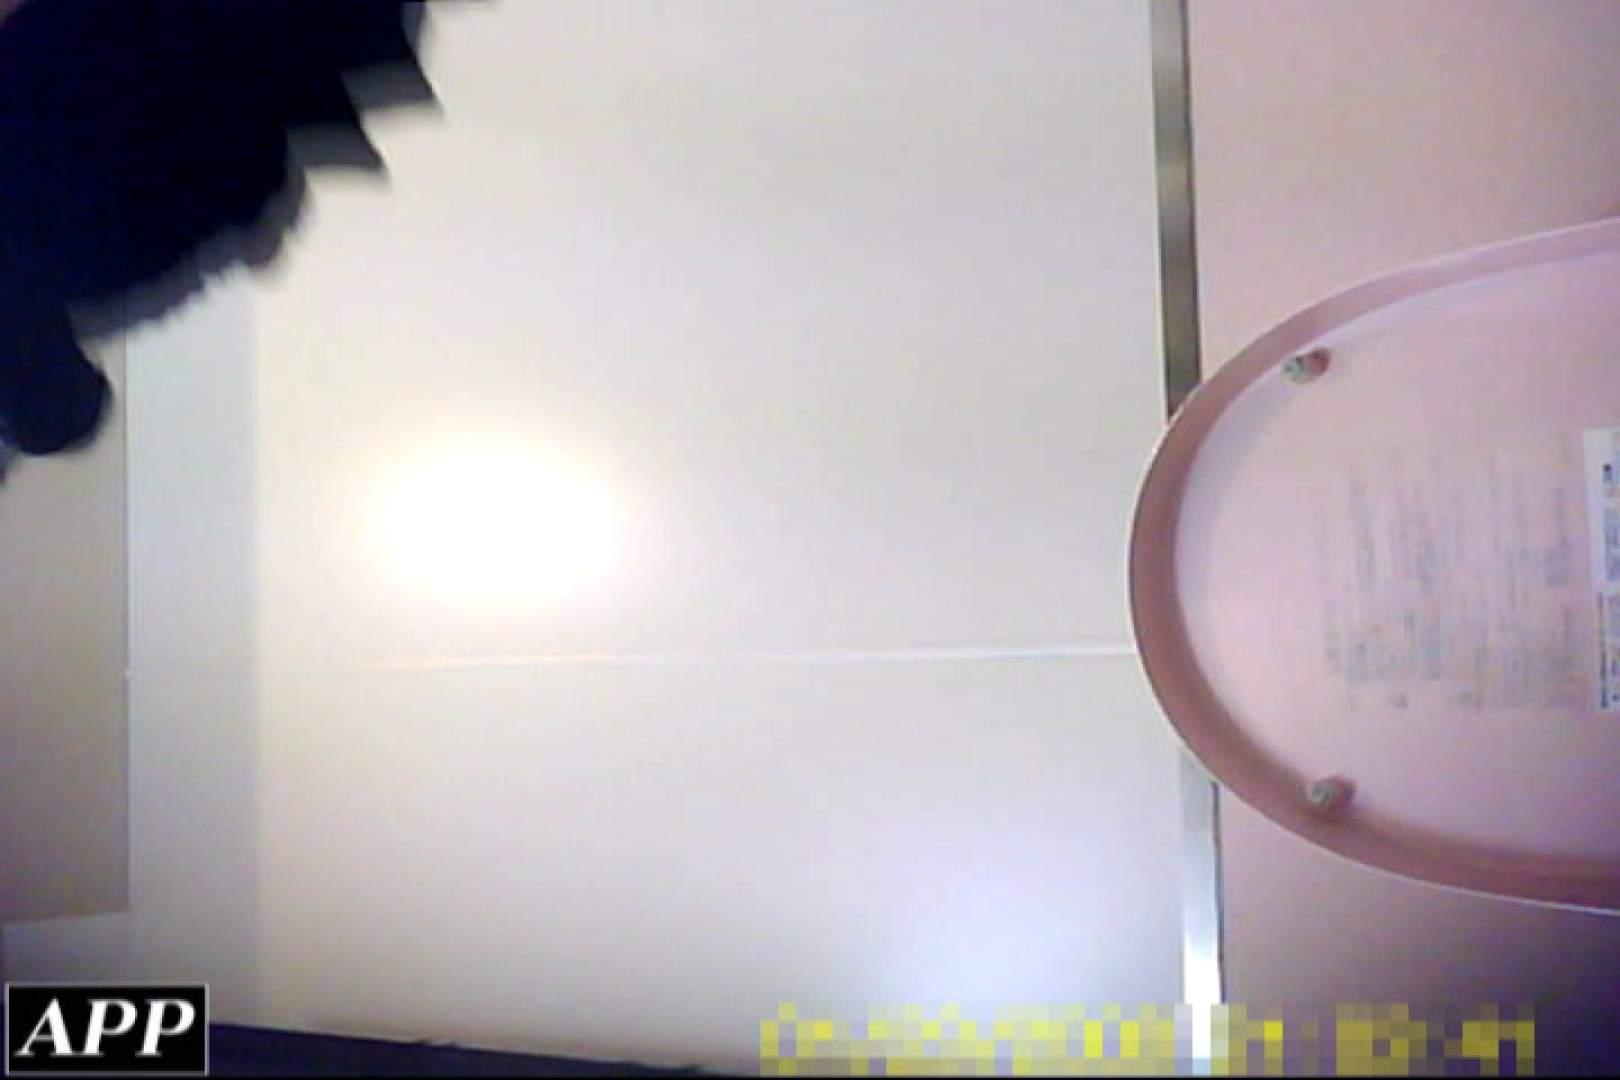 3視点洗面所 vol.19 オマンコ 覗きおまんこ画像 70連発 35